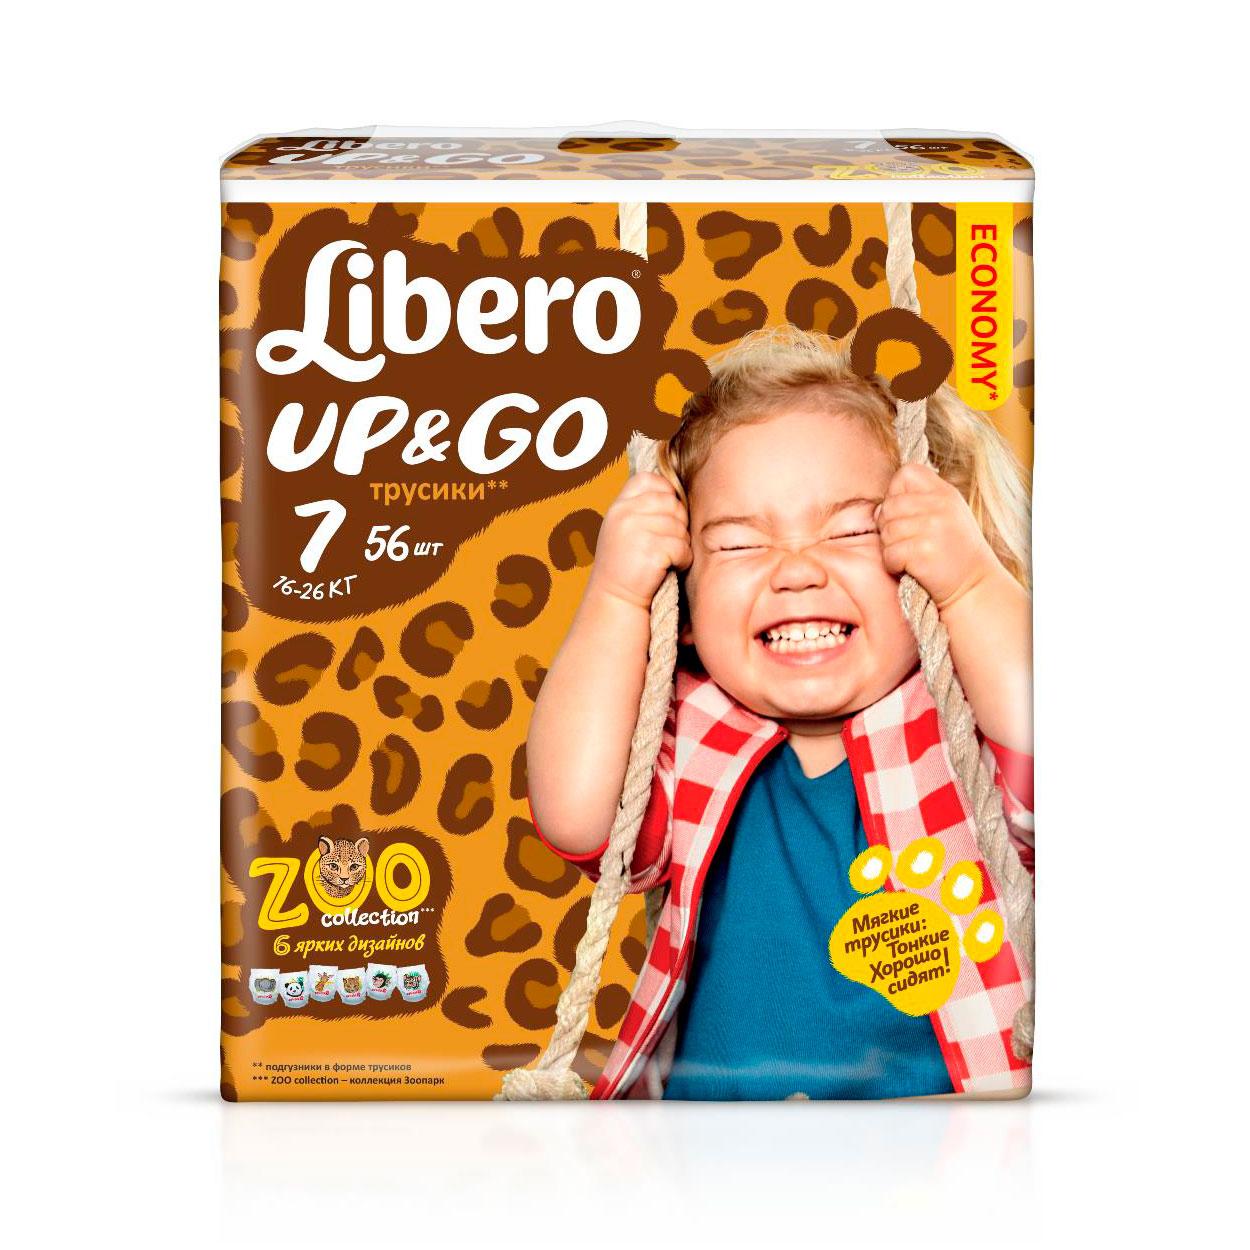 ТрусикиLibero Up&amp;amp;Go Zoo Collection Size 7 (16-26кг) 56шт<br>